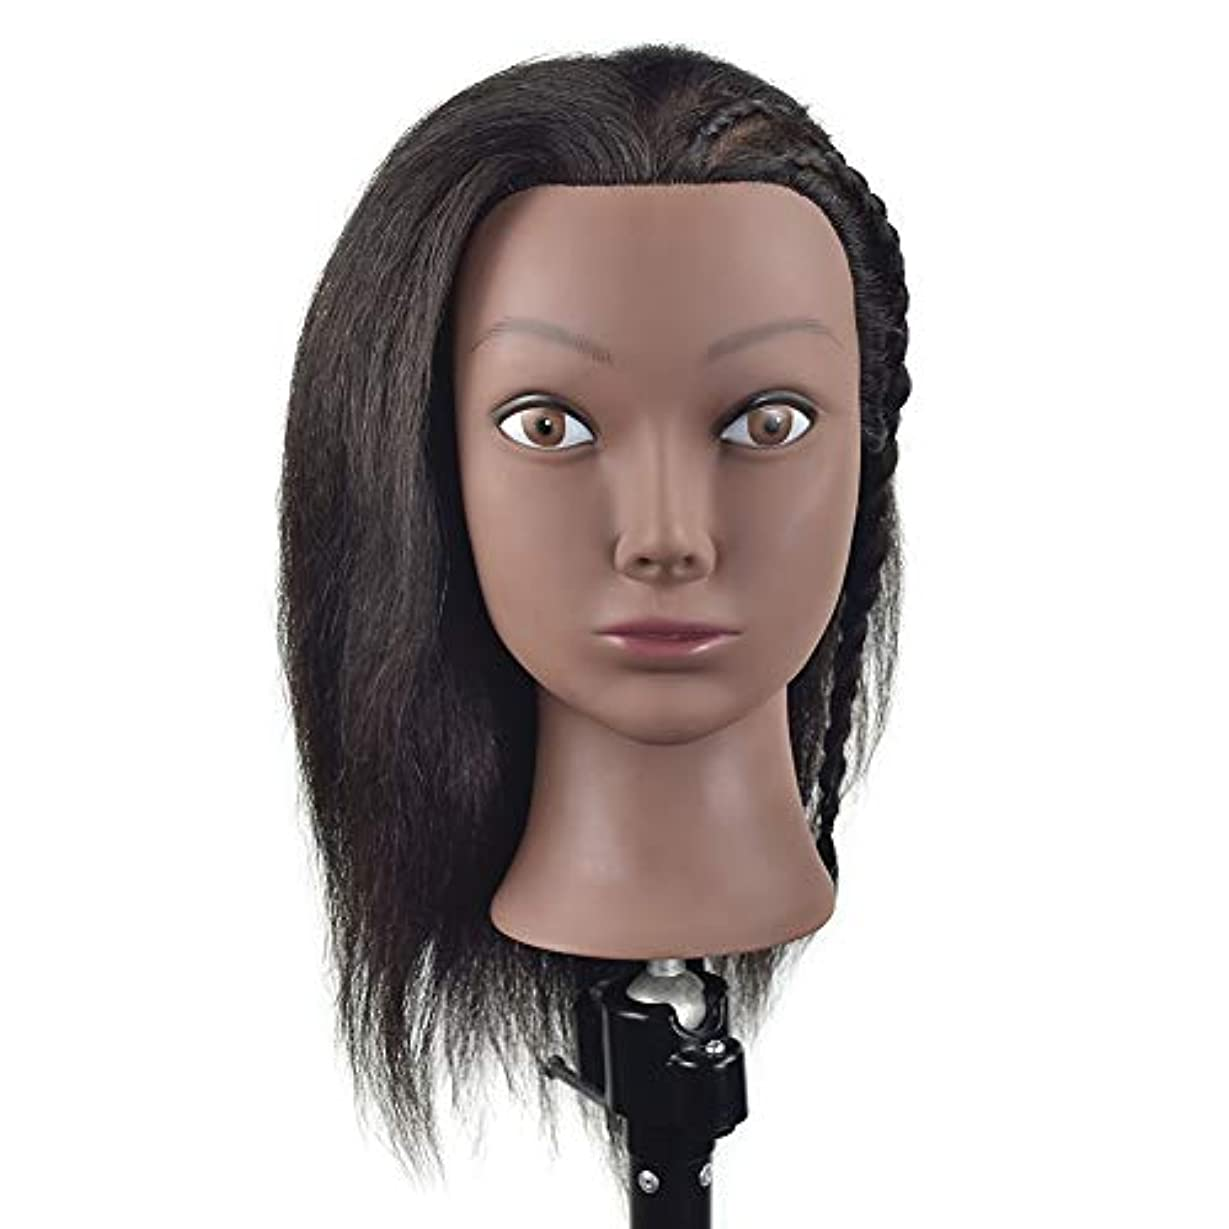 十代元気な神秘トレーニングヘッドかつらヘッドの型のヘアカットの編みのスタイリングマネキンヘッド理髪店練習指導ダミーヘッド